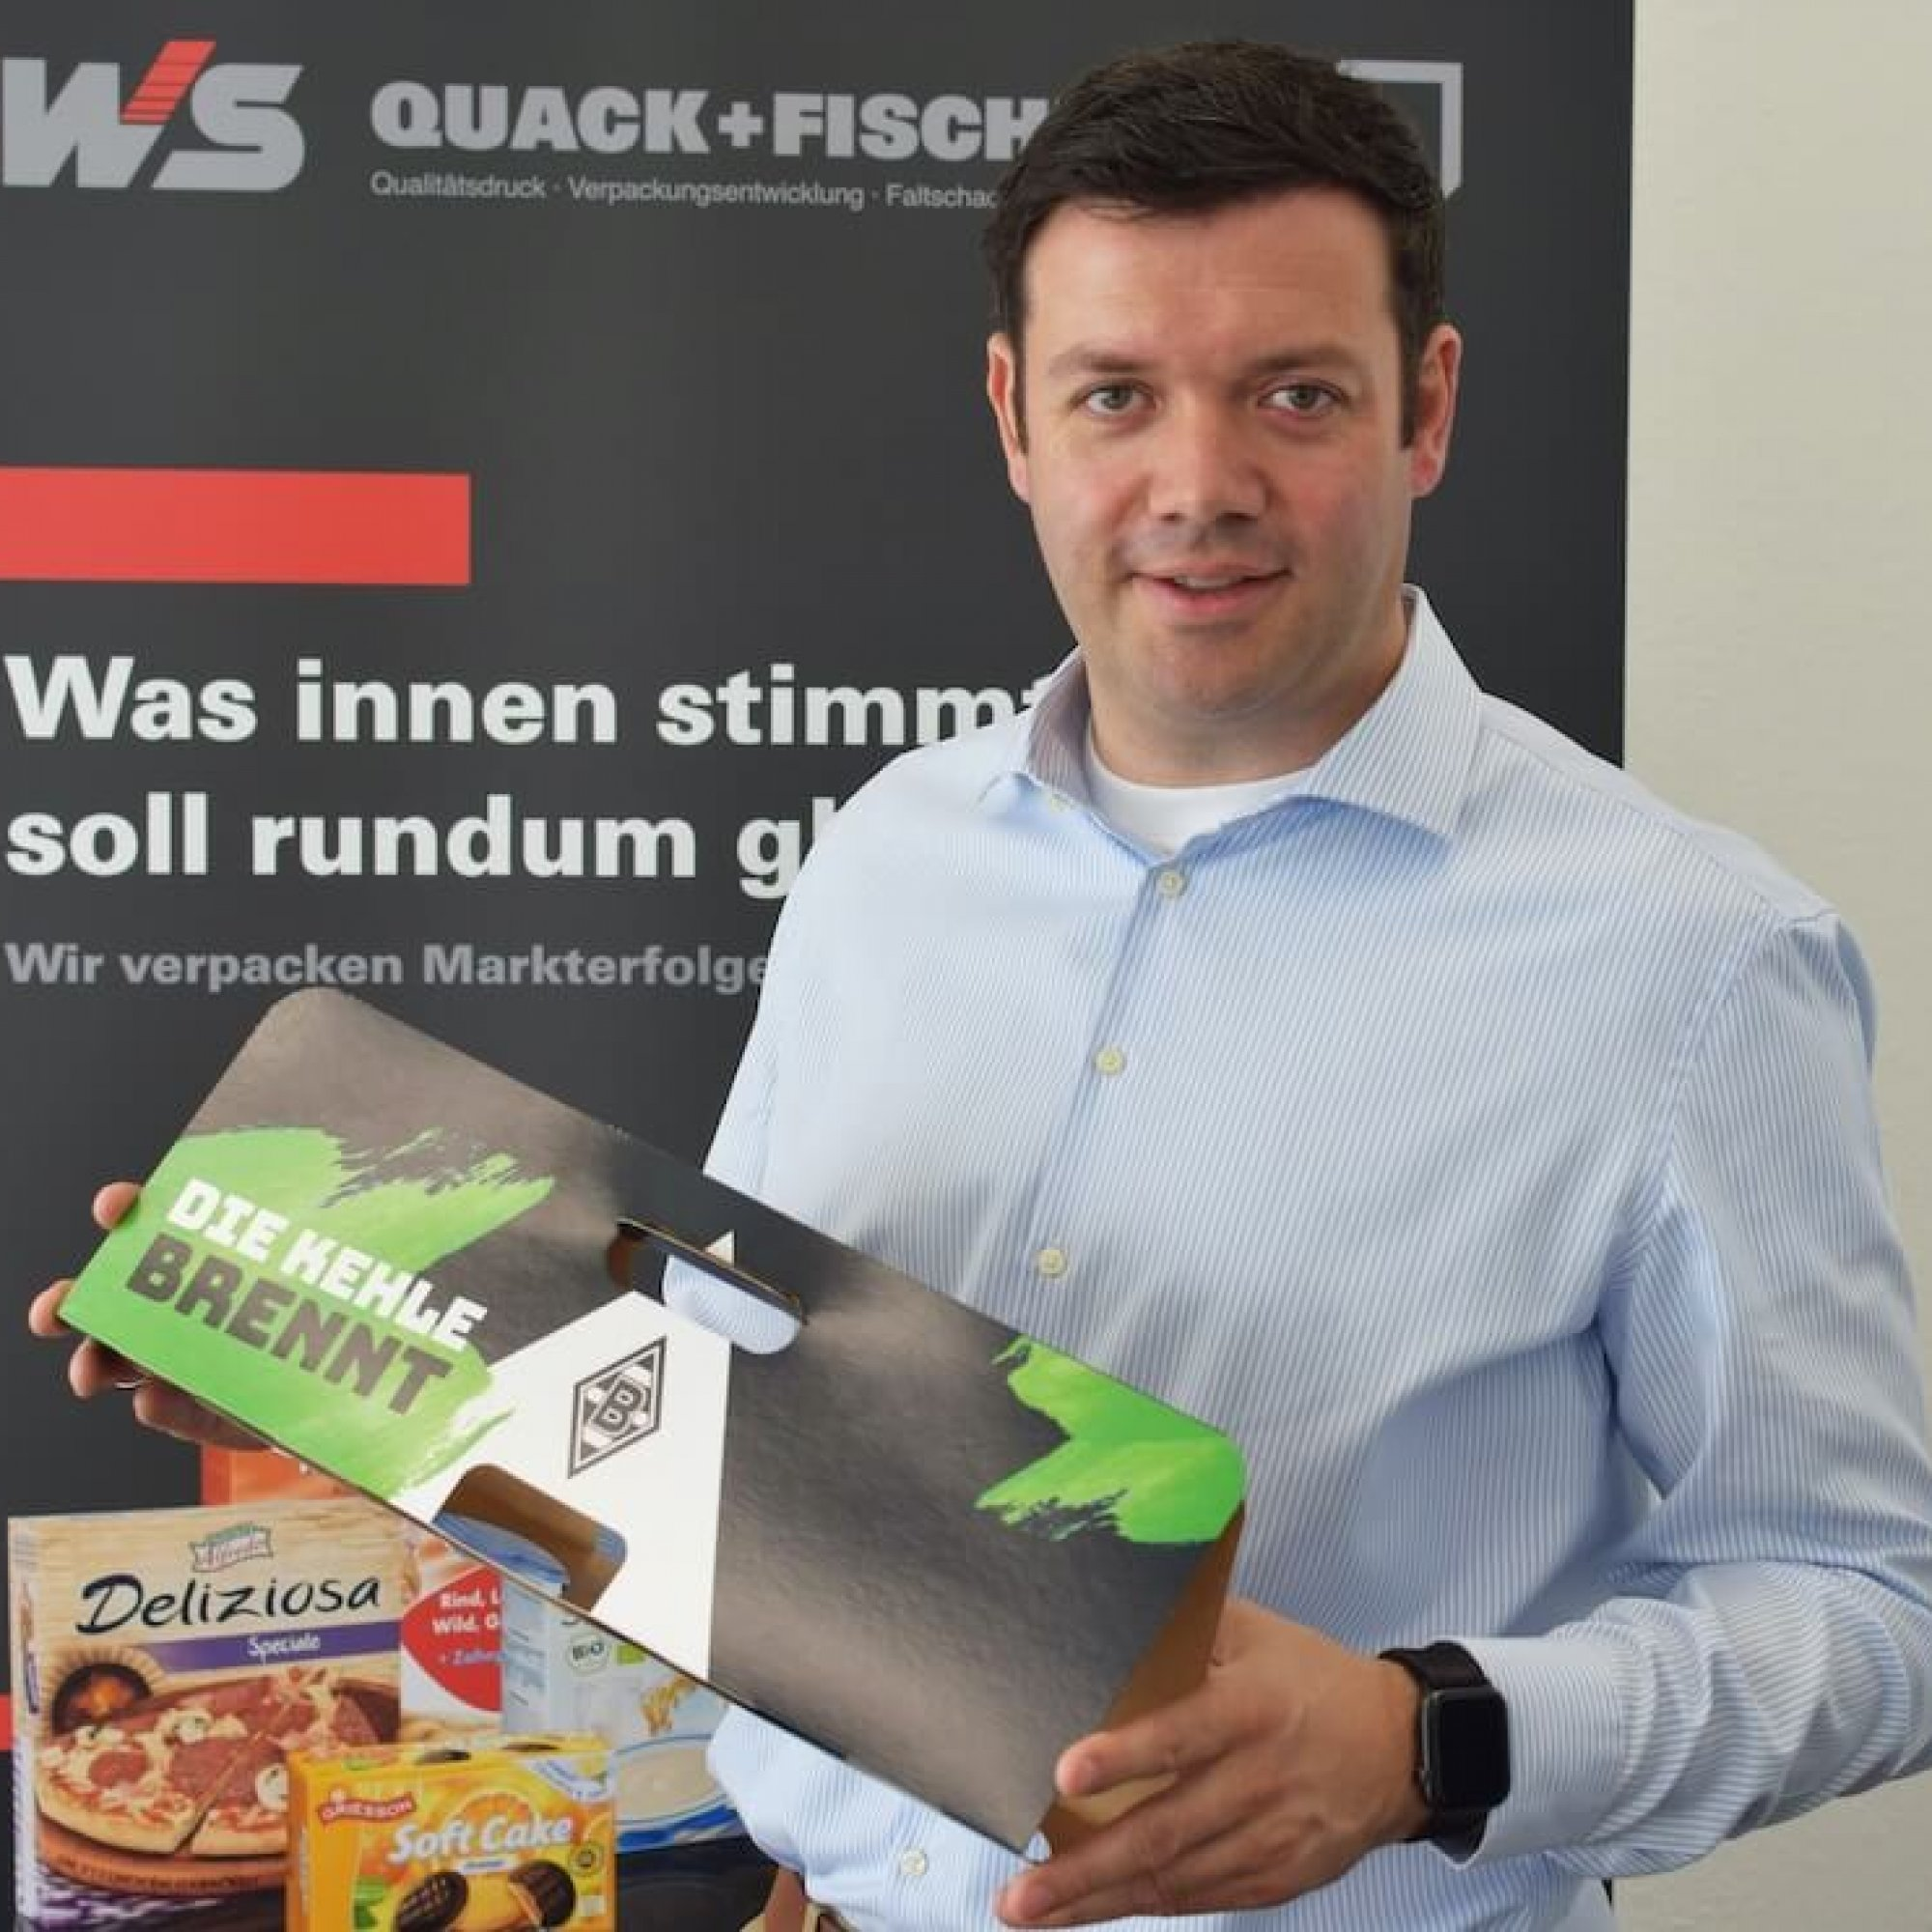 Thomas Eicker von Quack + Fischer